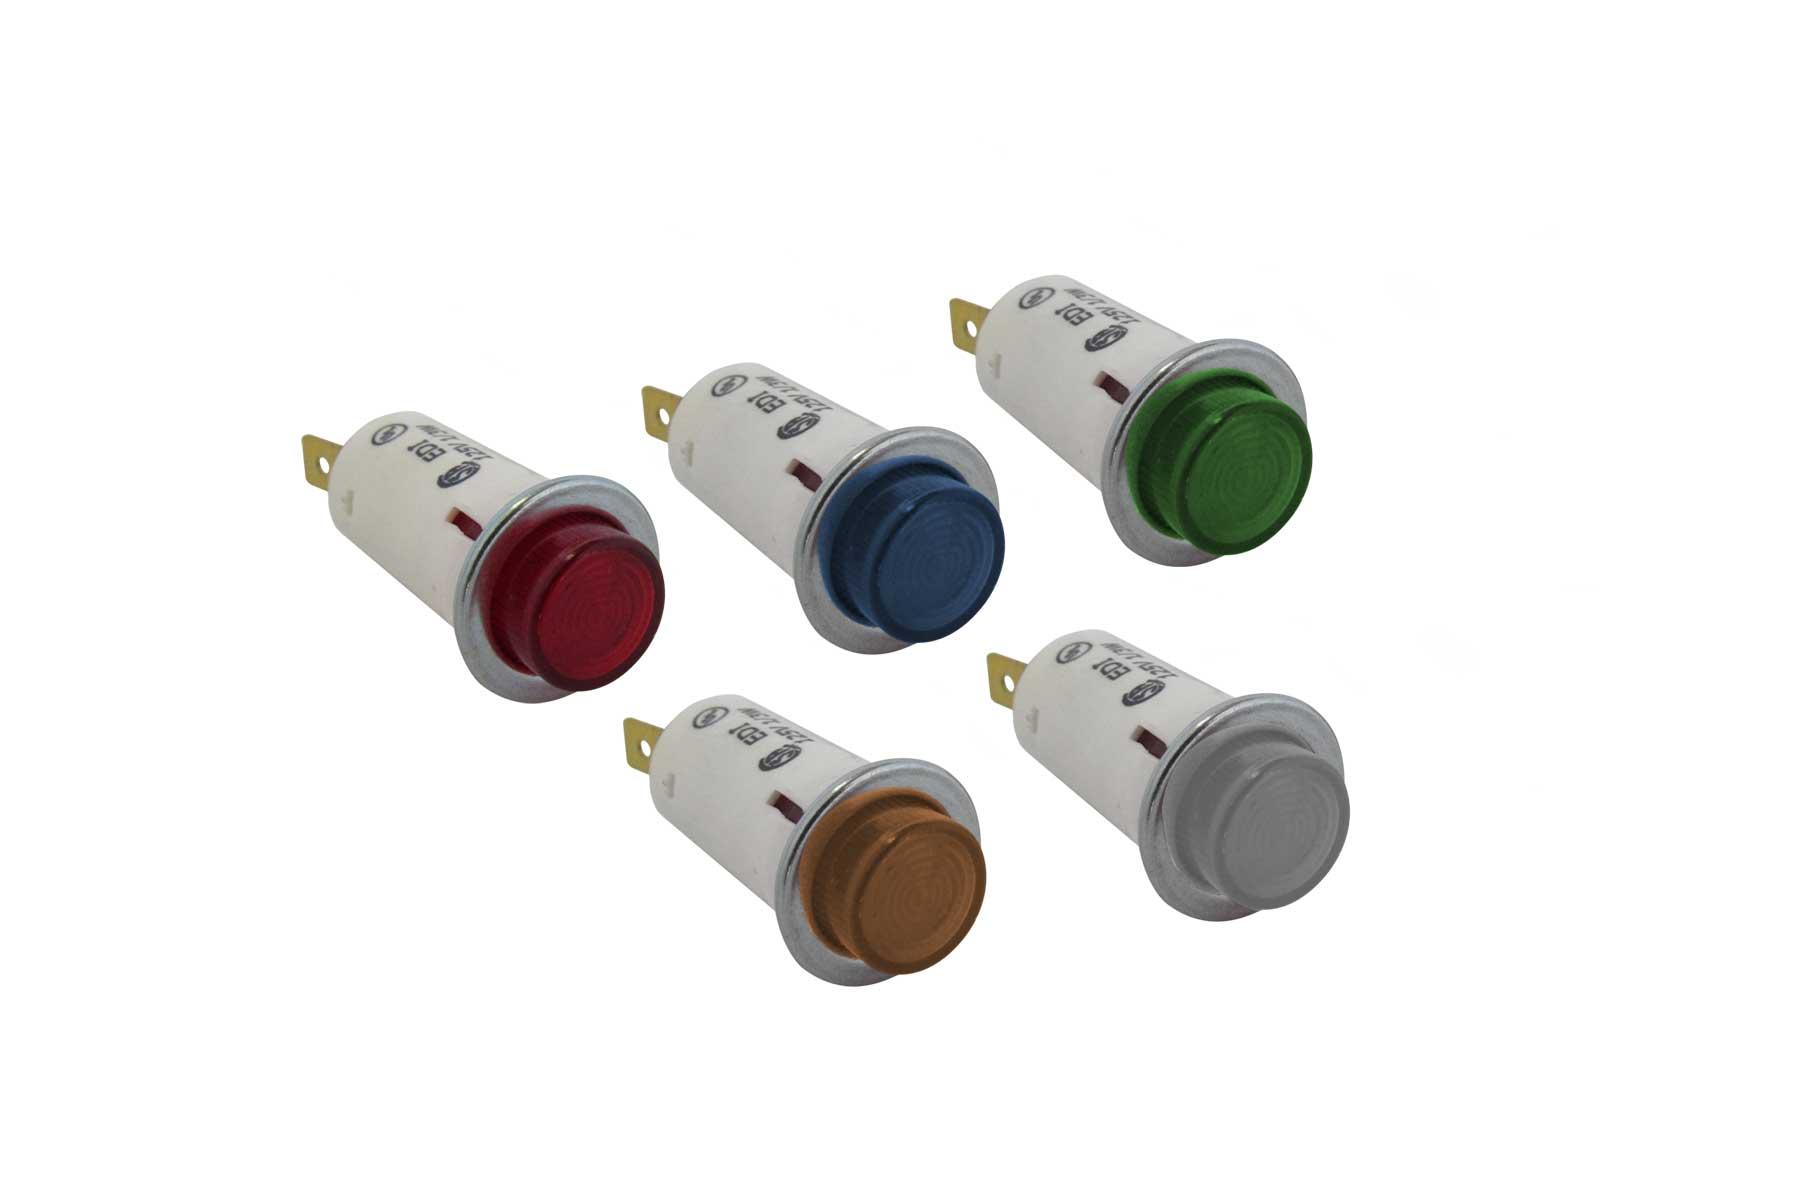 Round Indicator Light